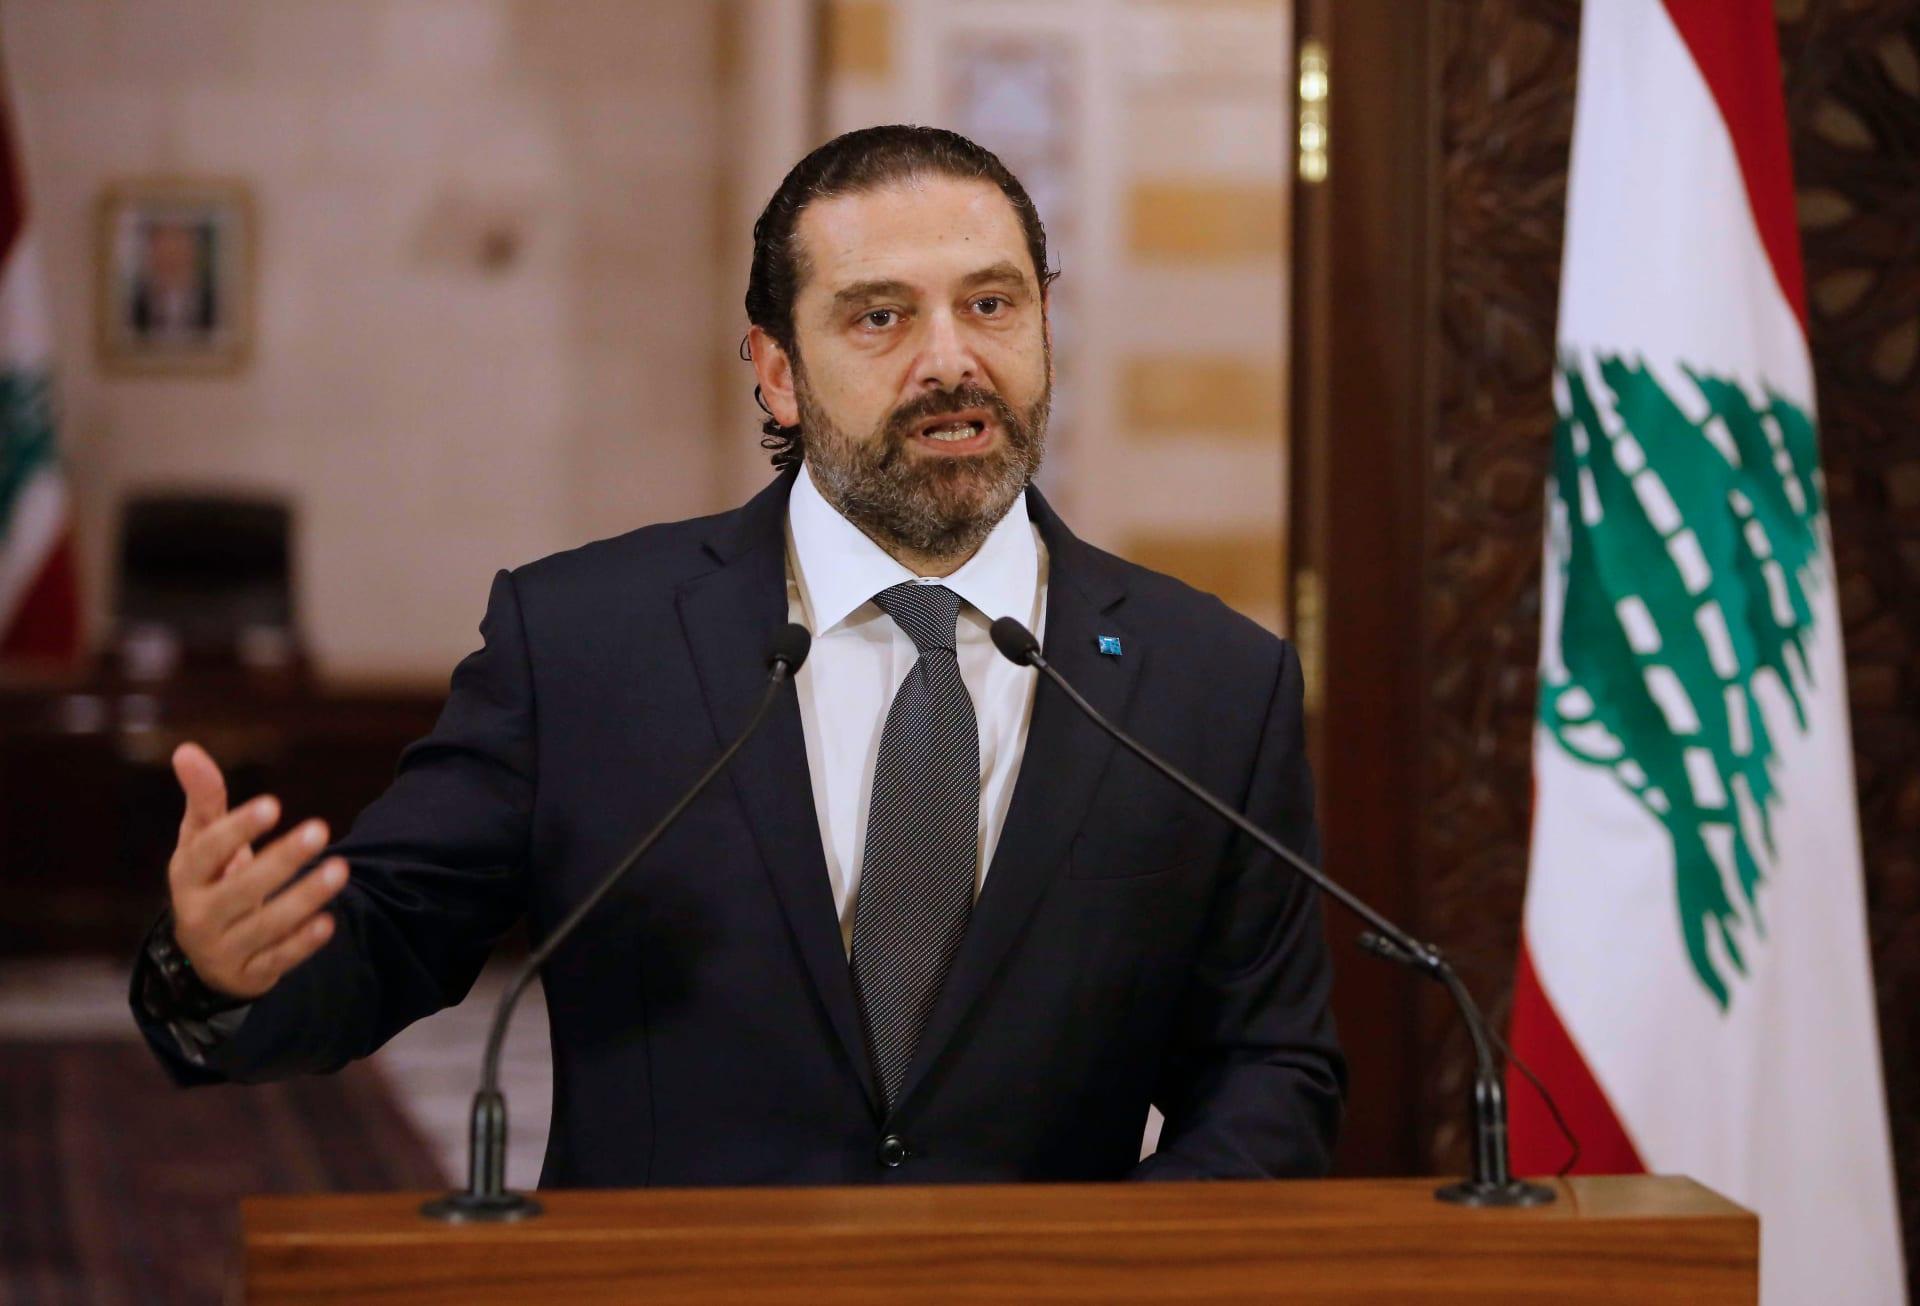 الحريري: أشعر بوجع اللبنانيين.. وأدعم كافة التحركات السلمية